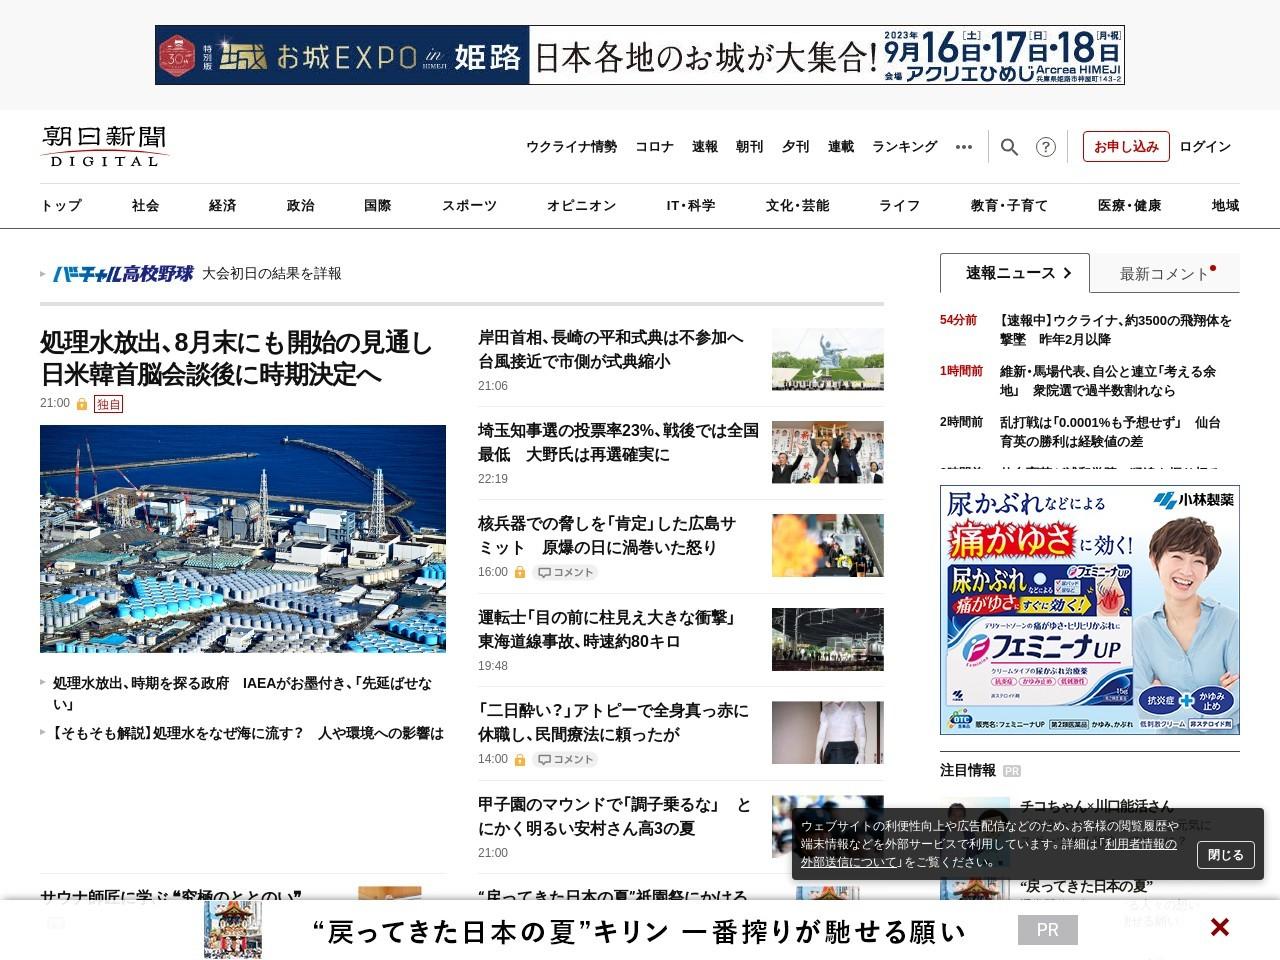 株式会社アクティビティジャパン『2019年 ゴールデンウィーク人気アクティビティランキング最新版』を発表